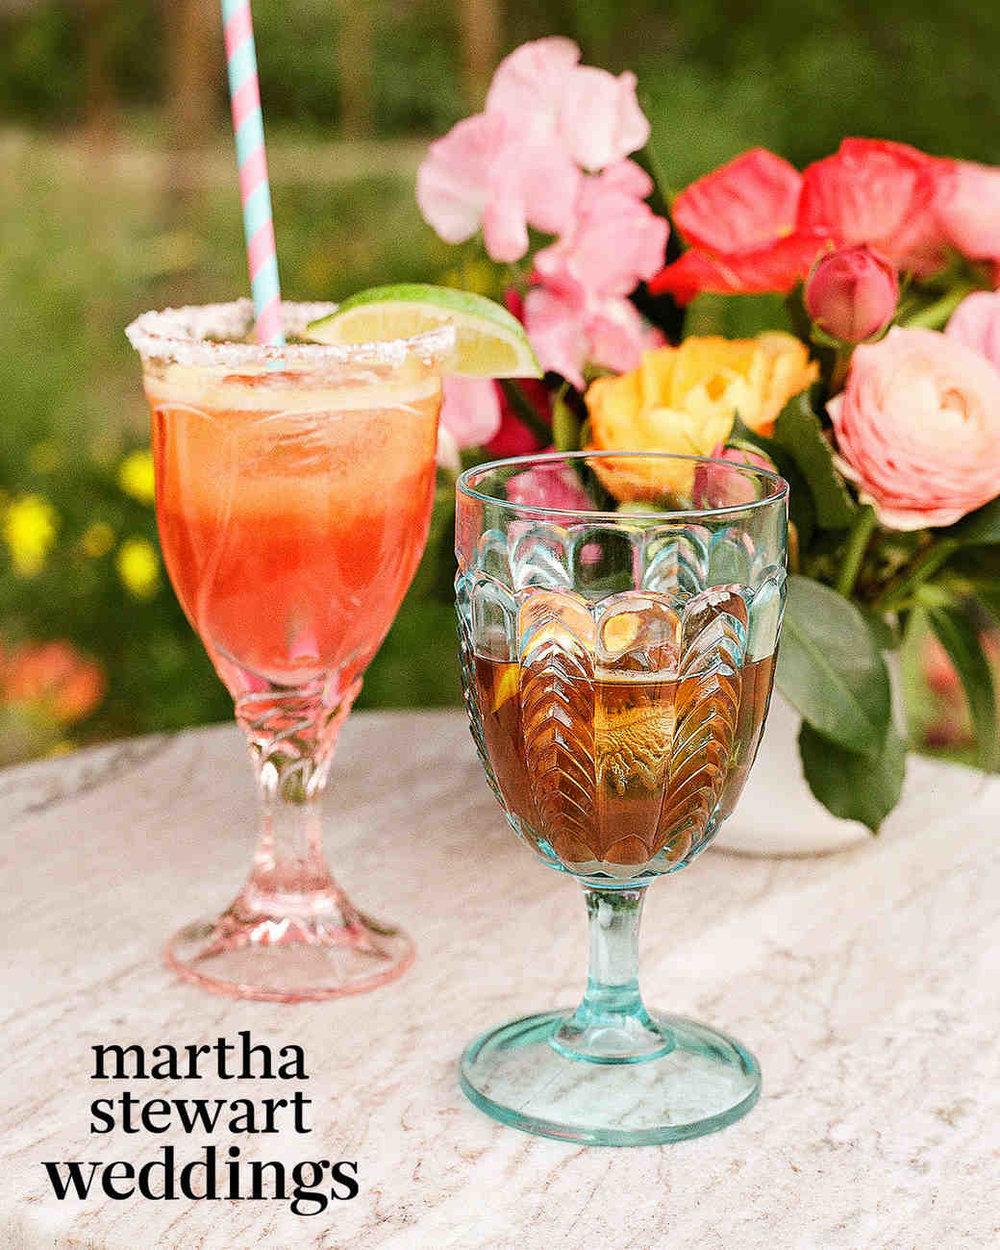 samira-wiley-lauren-morelli-wedding-cocktails-103016856_vert.jpg